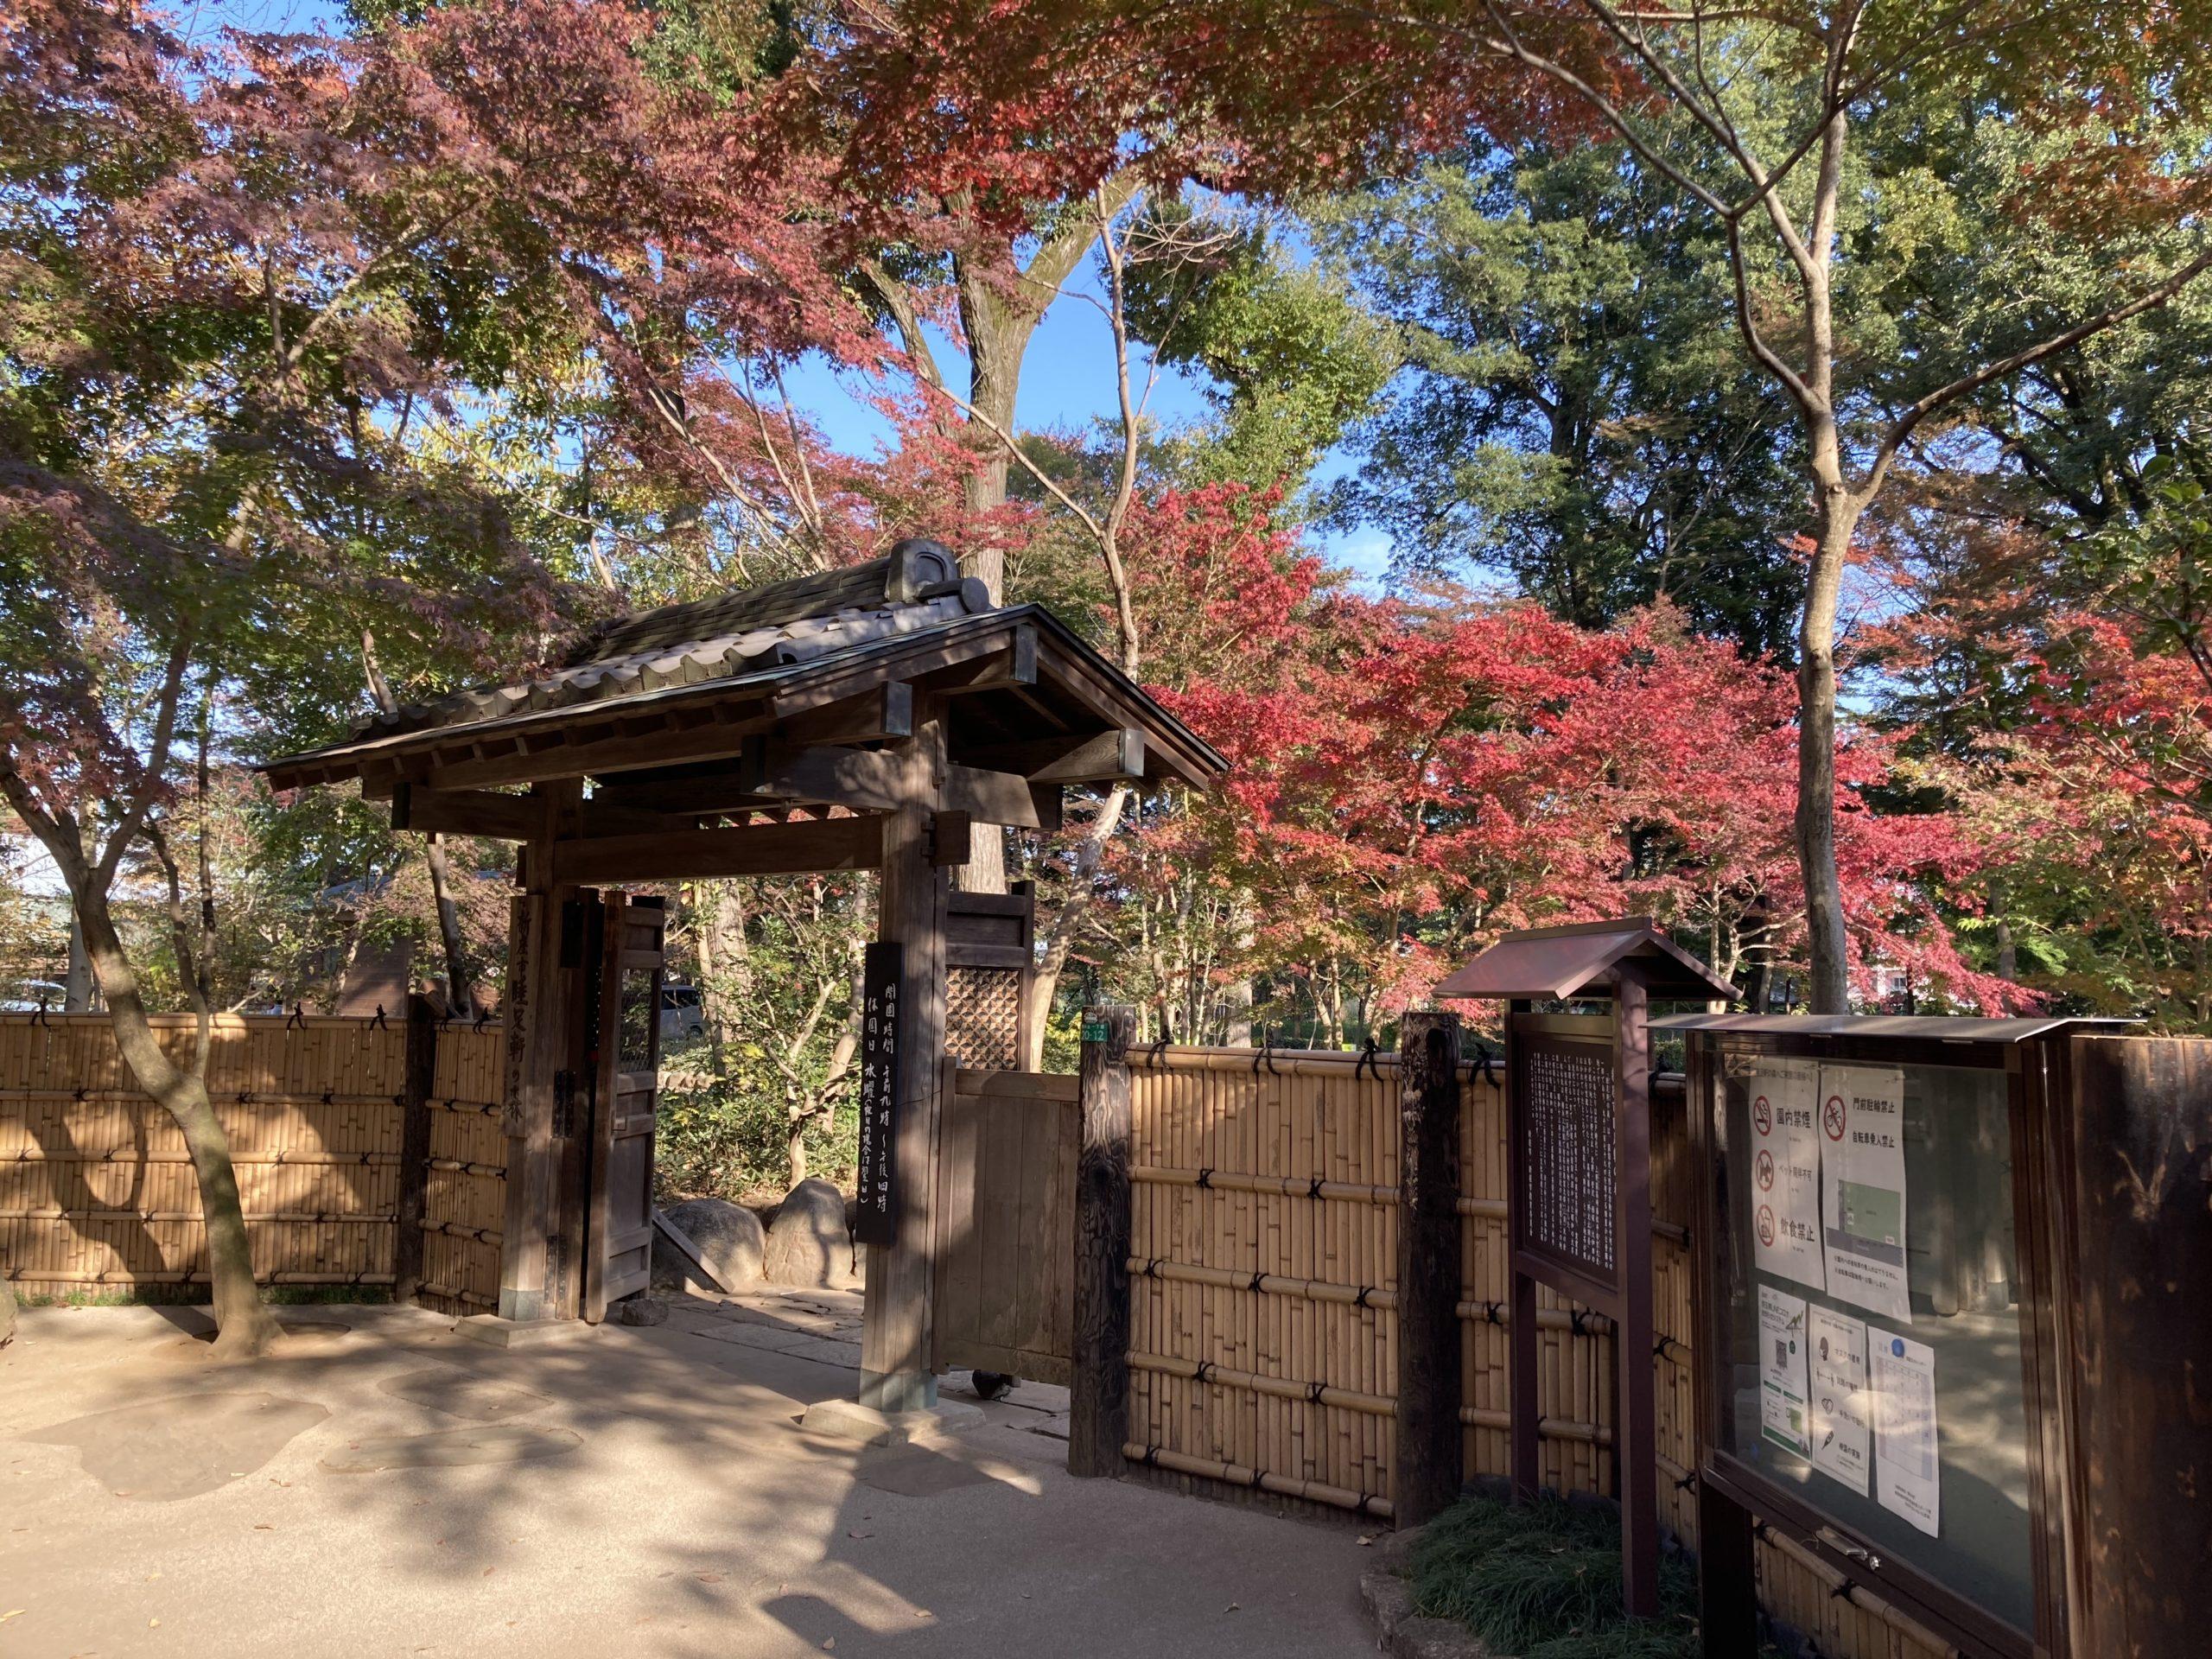 平林寺 睡足軒の森 紅葉2020